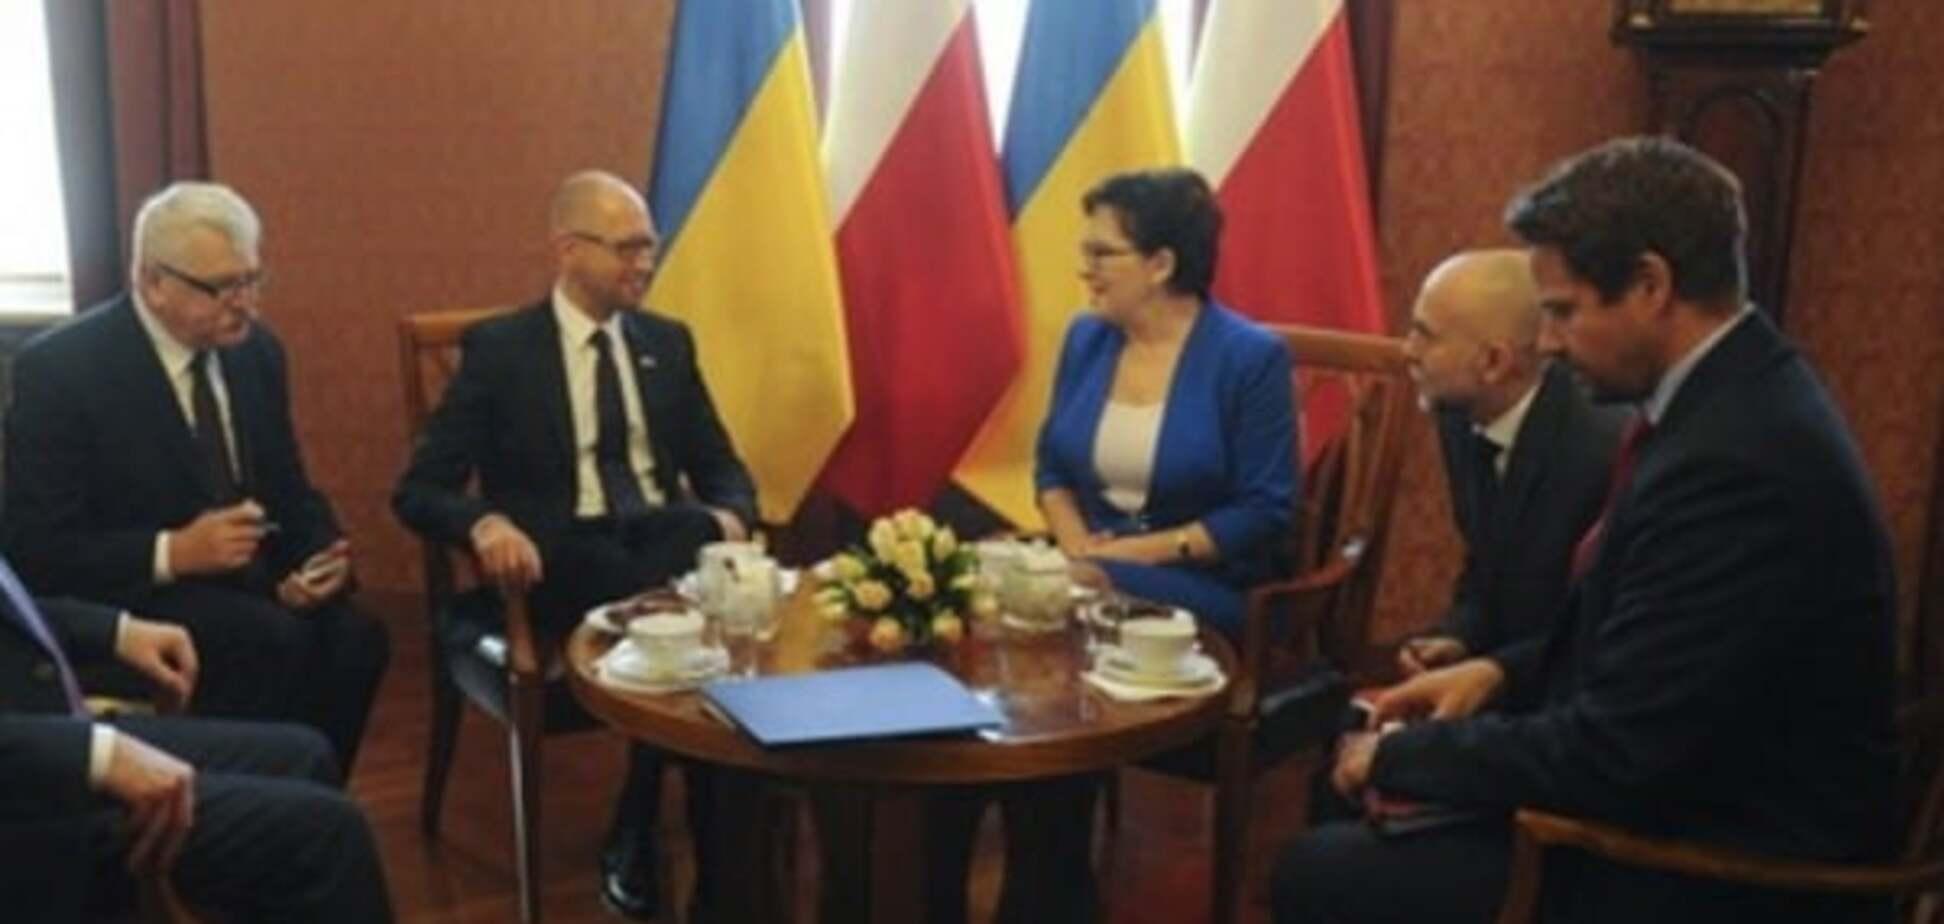 Нащо полякам брехливе 'маски-шоу' про Україну?